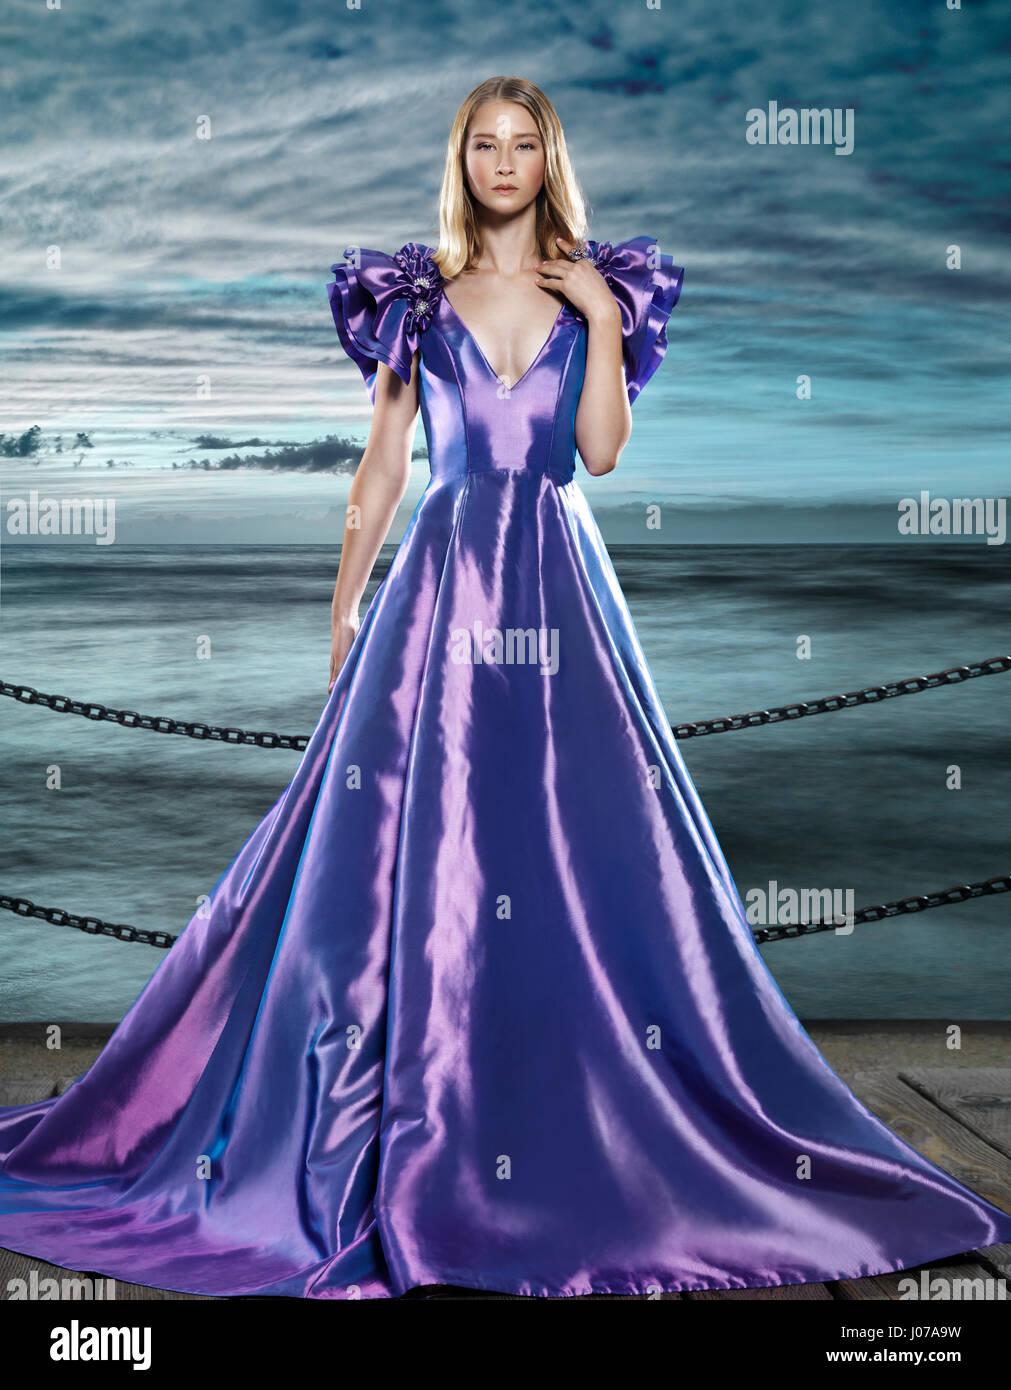 online retailer 8c397 06862 Junge blonde Frau trägt ein schönes langes blaues Kleid ...